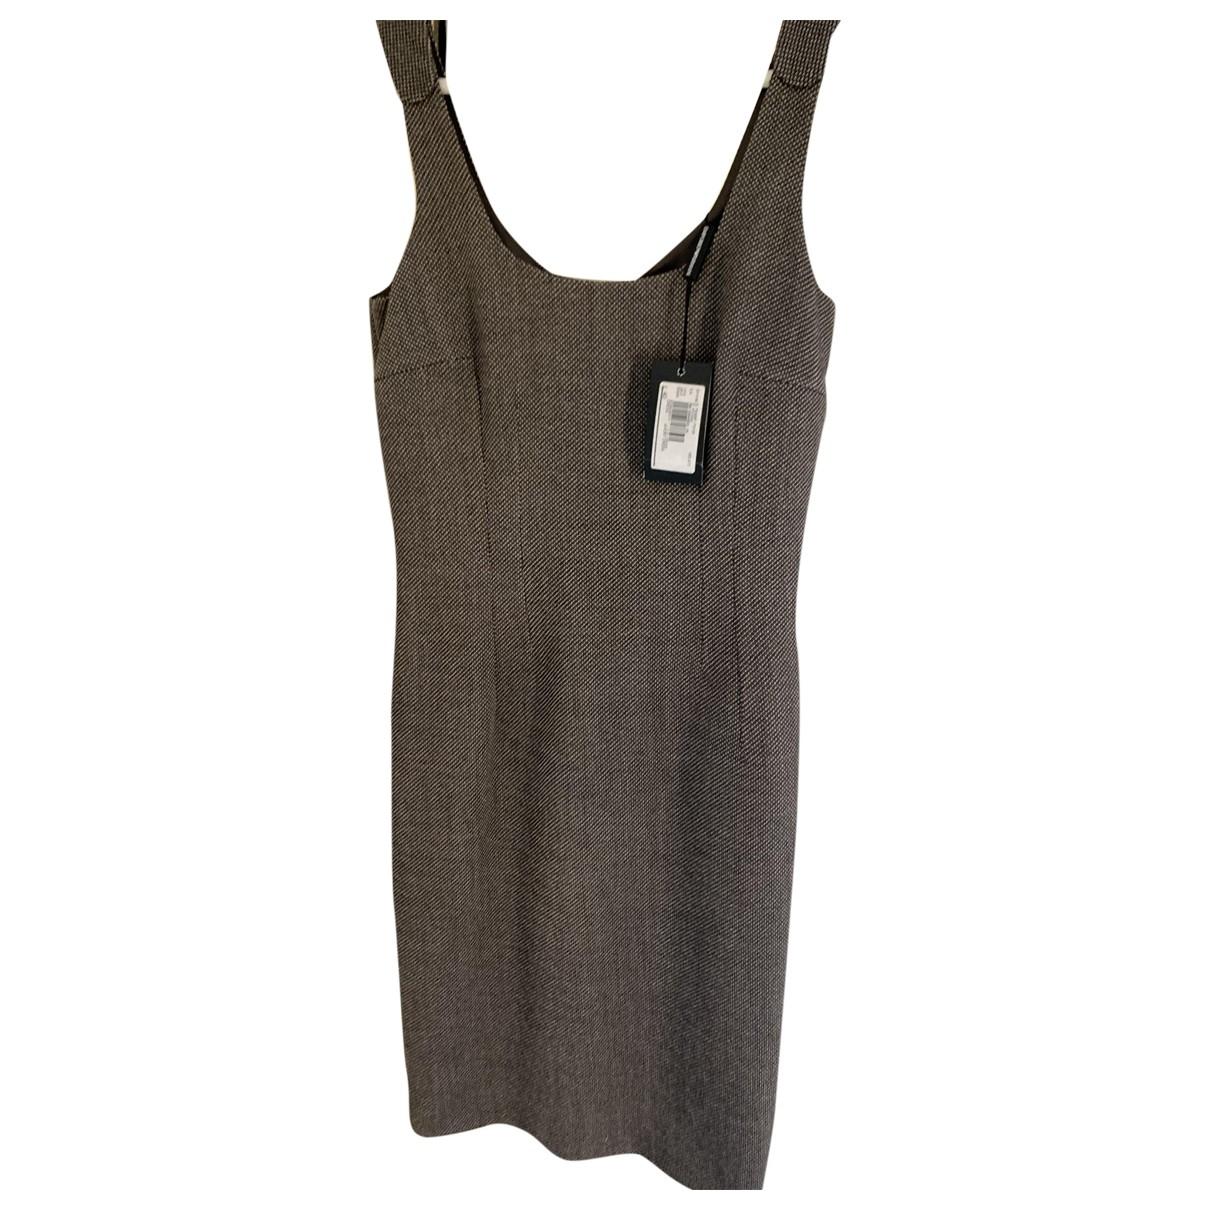 Emporio Armani \N Kleid in  Beige Wolle